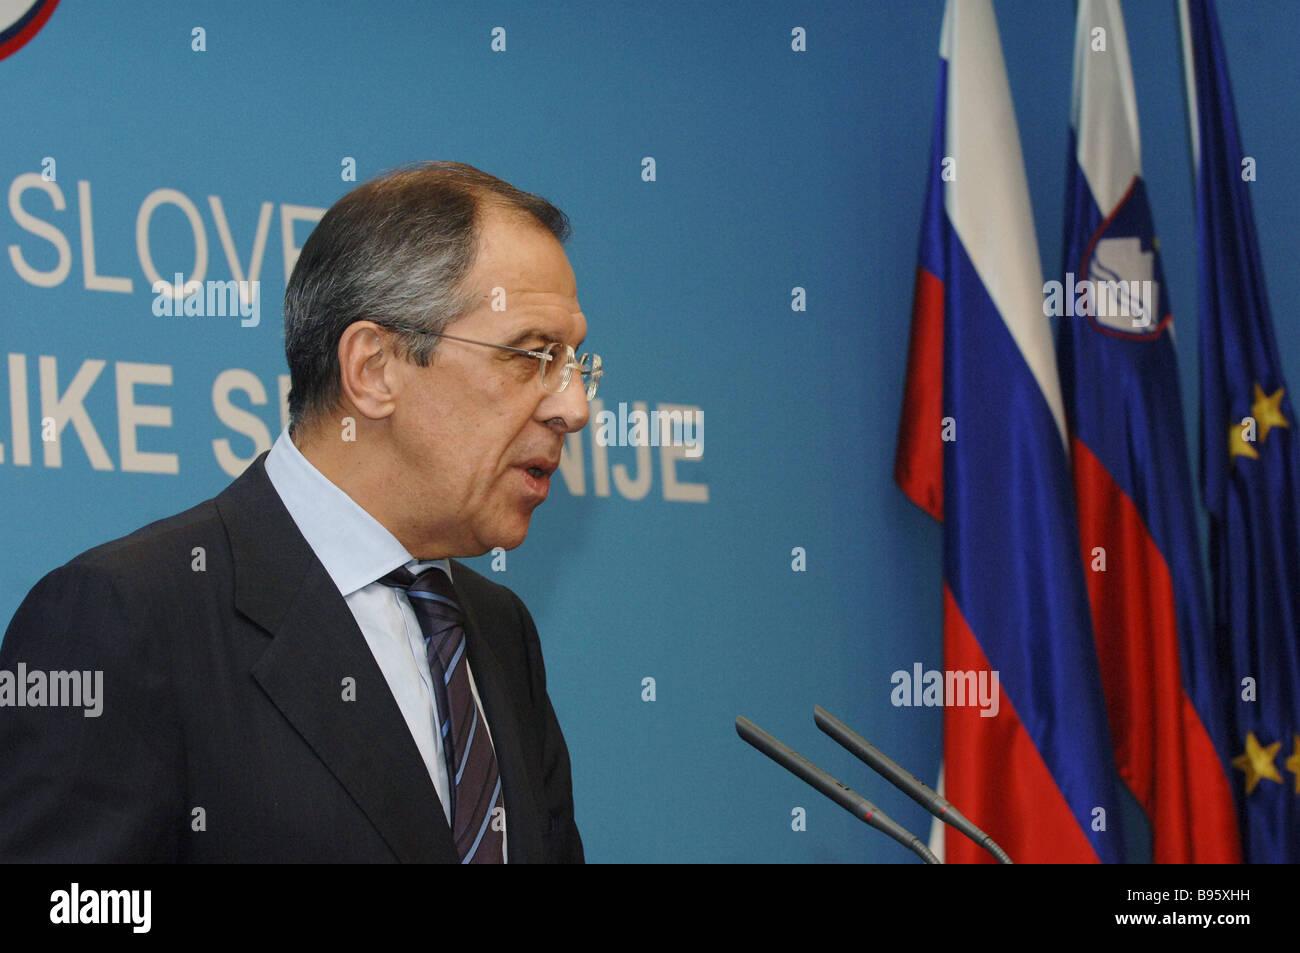 Le Ministre russe des affaires étrangères Sergei Lavrov visites Slovénie Photo Stock